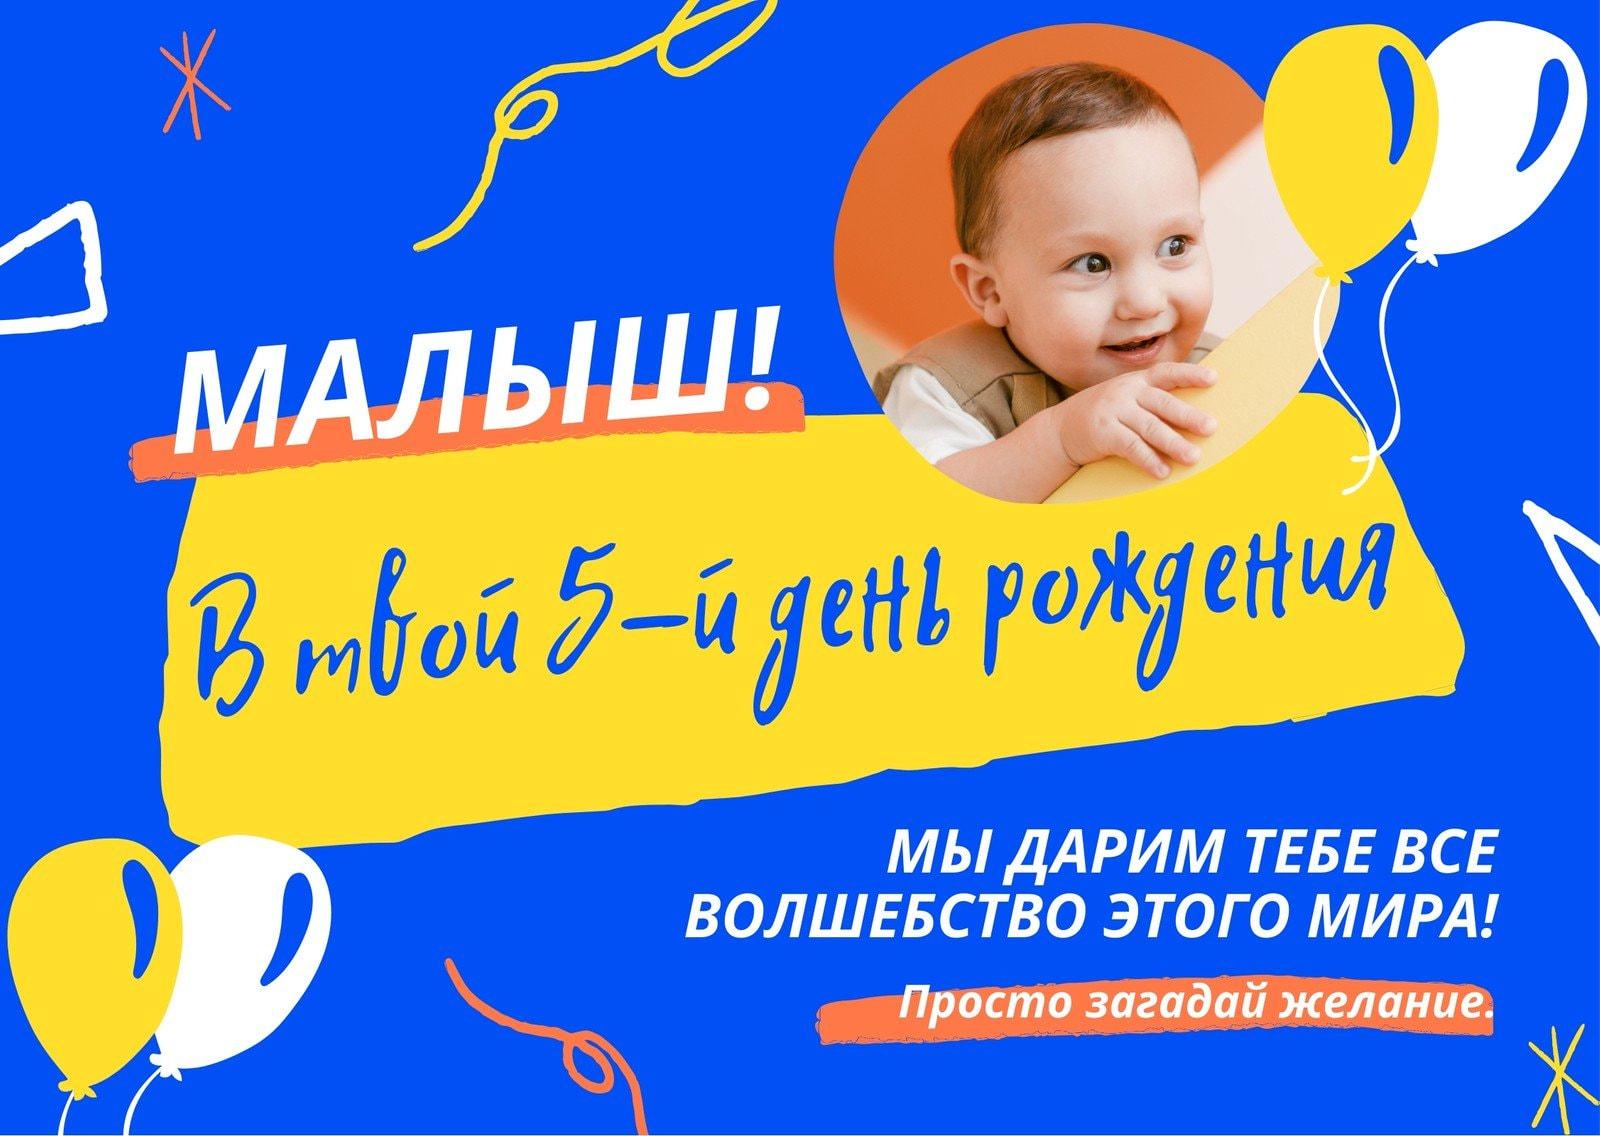 Цветная открытка с фотографией ребенка и рисунком воздушных шаров